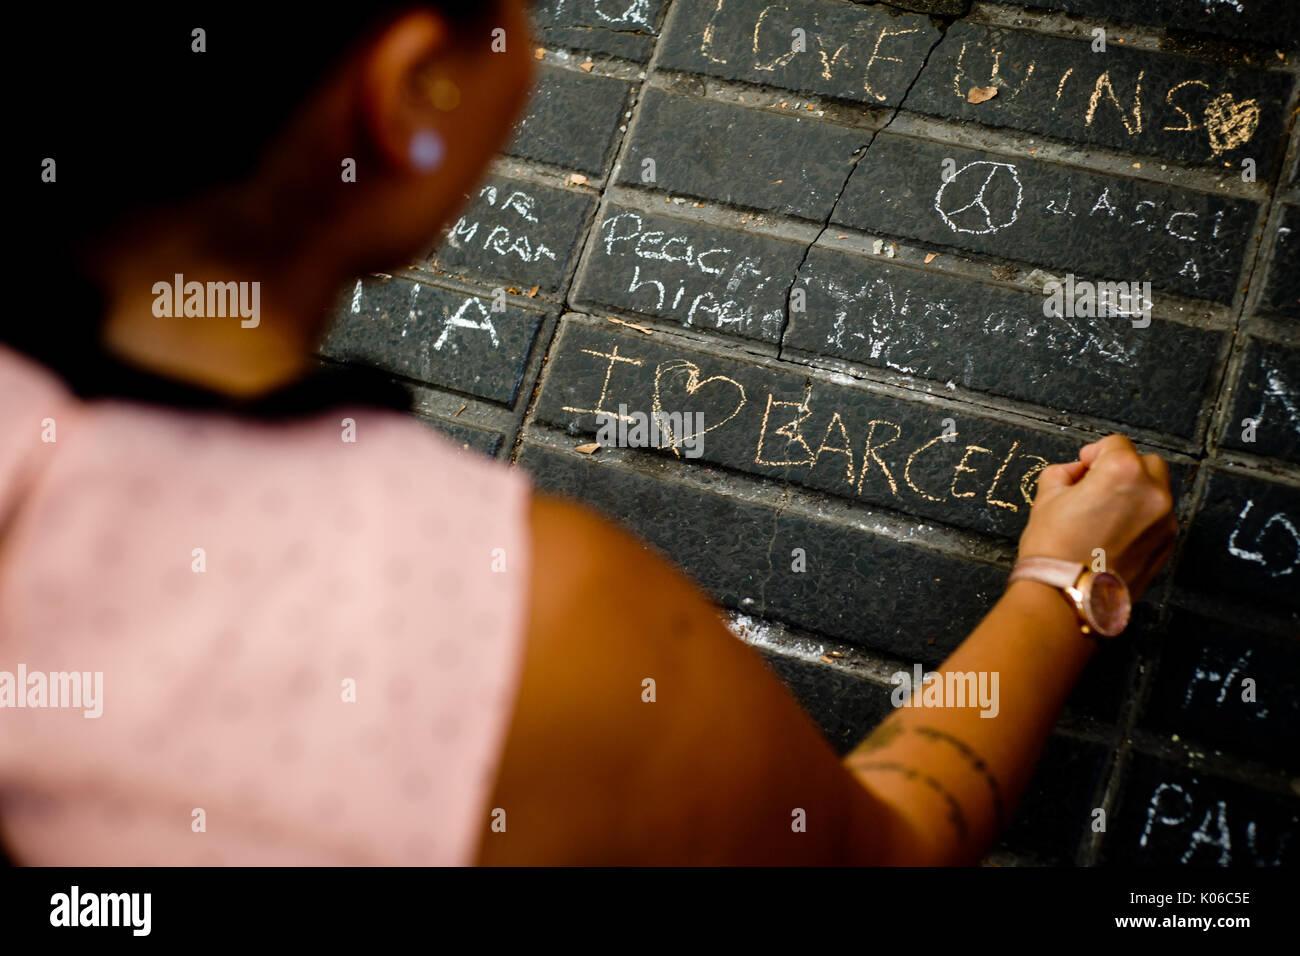 Barcelone, Catalogne, Espagne. Août 21, 2017. Une femme writtes un message sur l'étage de Las Ramblas de Barcelone, le même jour que Younes Abouyaaqoub, identifiés comme chauffeur de van qui a accéléré le long de la rue Las Ramblas le jeudi, a été abattu par des agents de police catalane dans le village de Subirats. Crédit: Jordi Boixareu/ZUMA/Alamy Fil Live News Banque D'Images